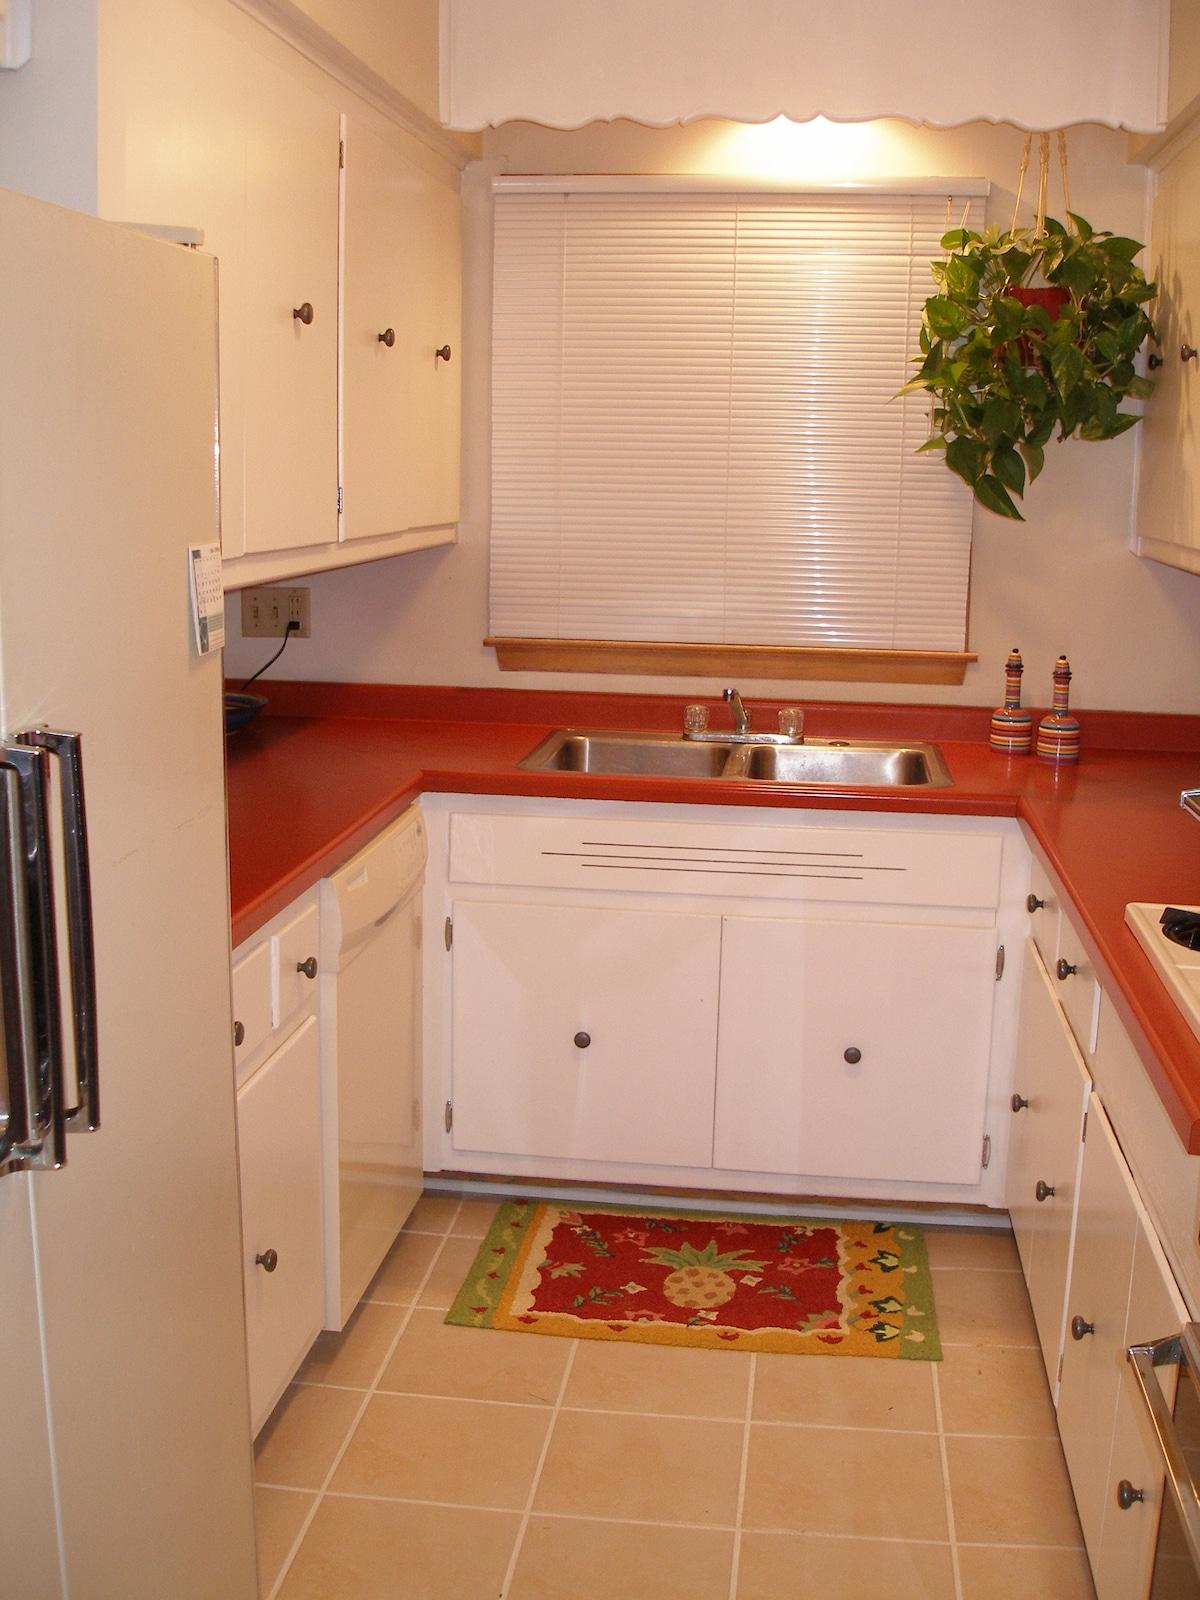 Our cozy little kitchen ...